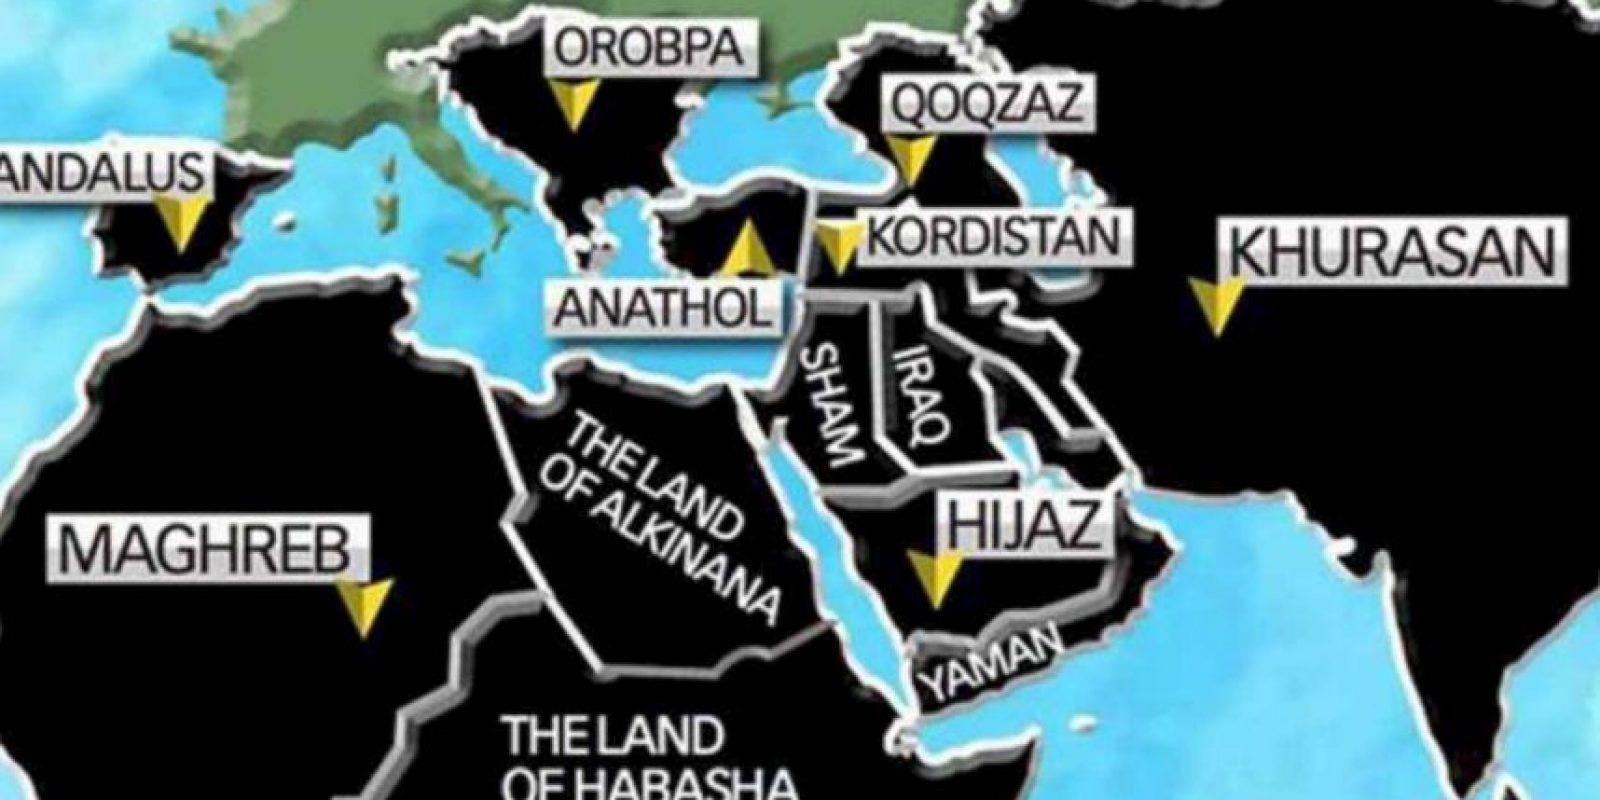 Medio Oriente, África del Norte y algunas partes de Europa son los puntos de interés. Foto:AP